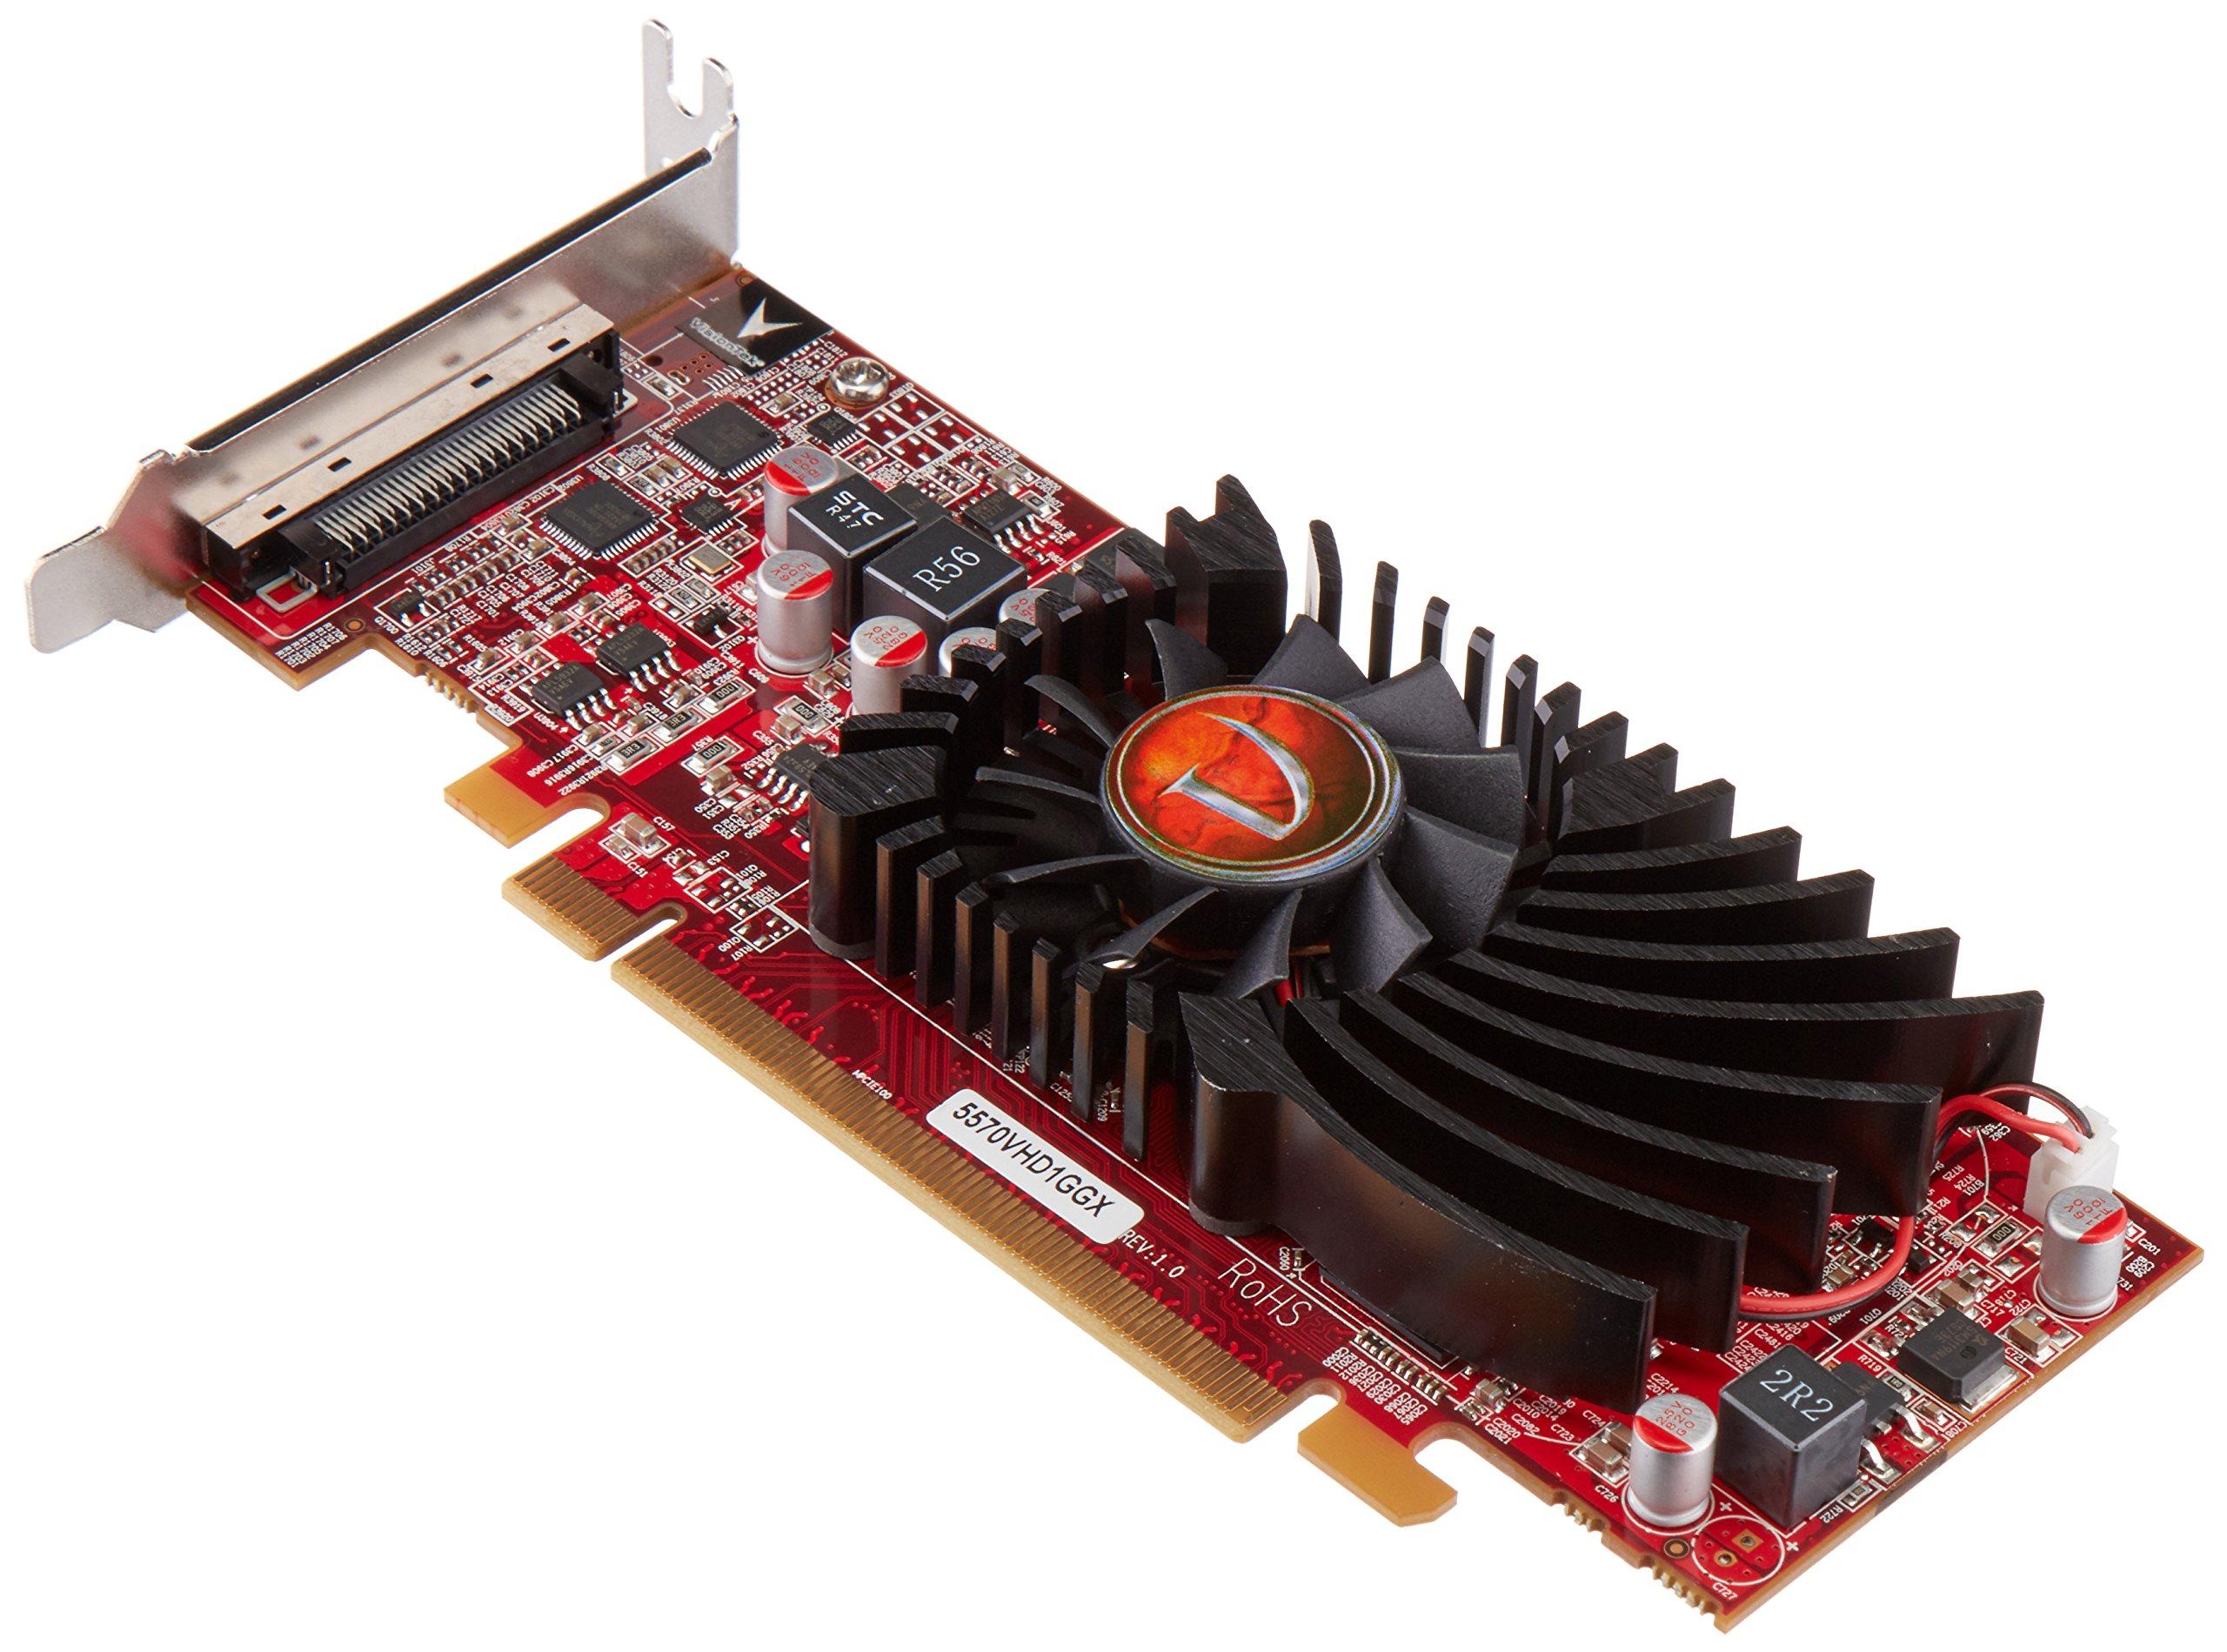 VisionTek Radeon HD 5570 4 Port HDMI VHDCI Graphics Card - 900901 by VisionTek (Image #2)